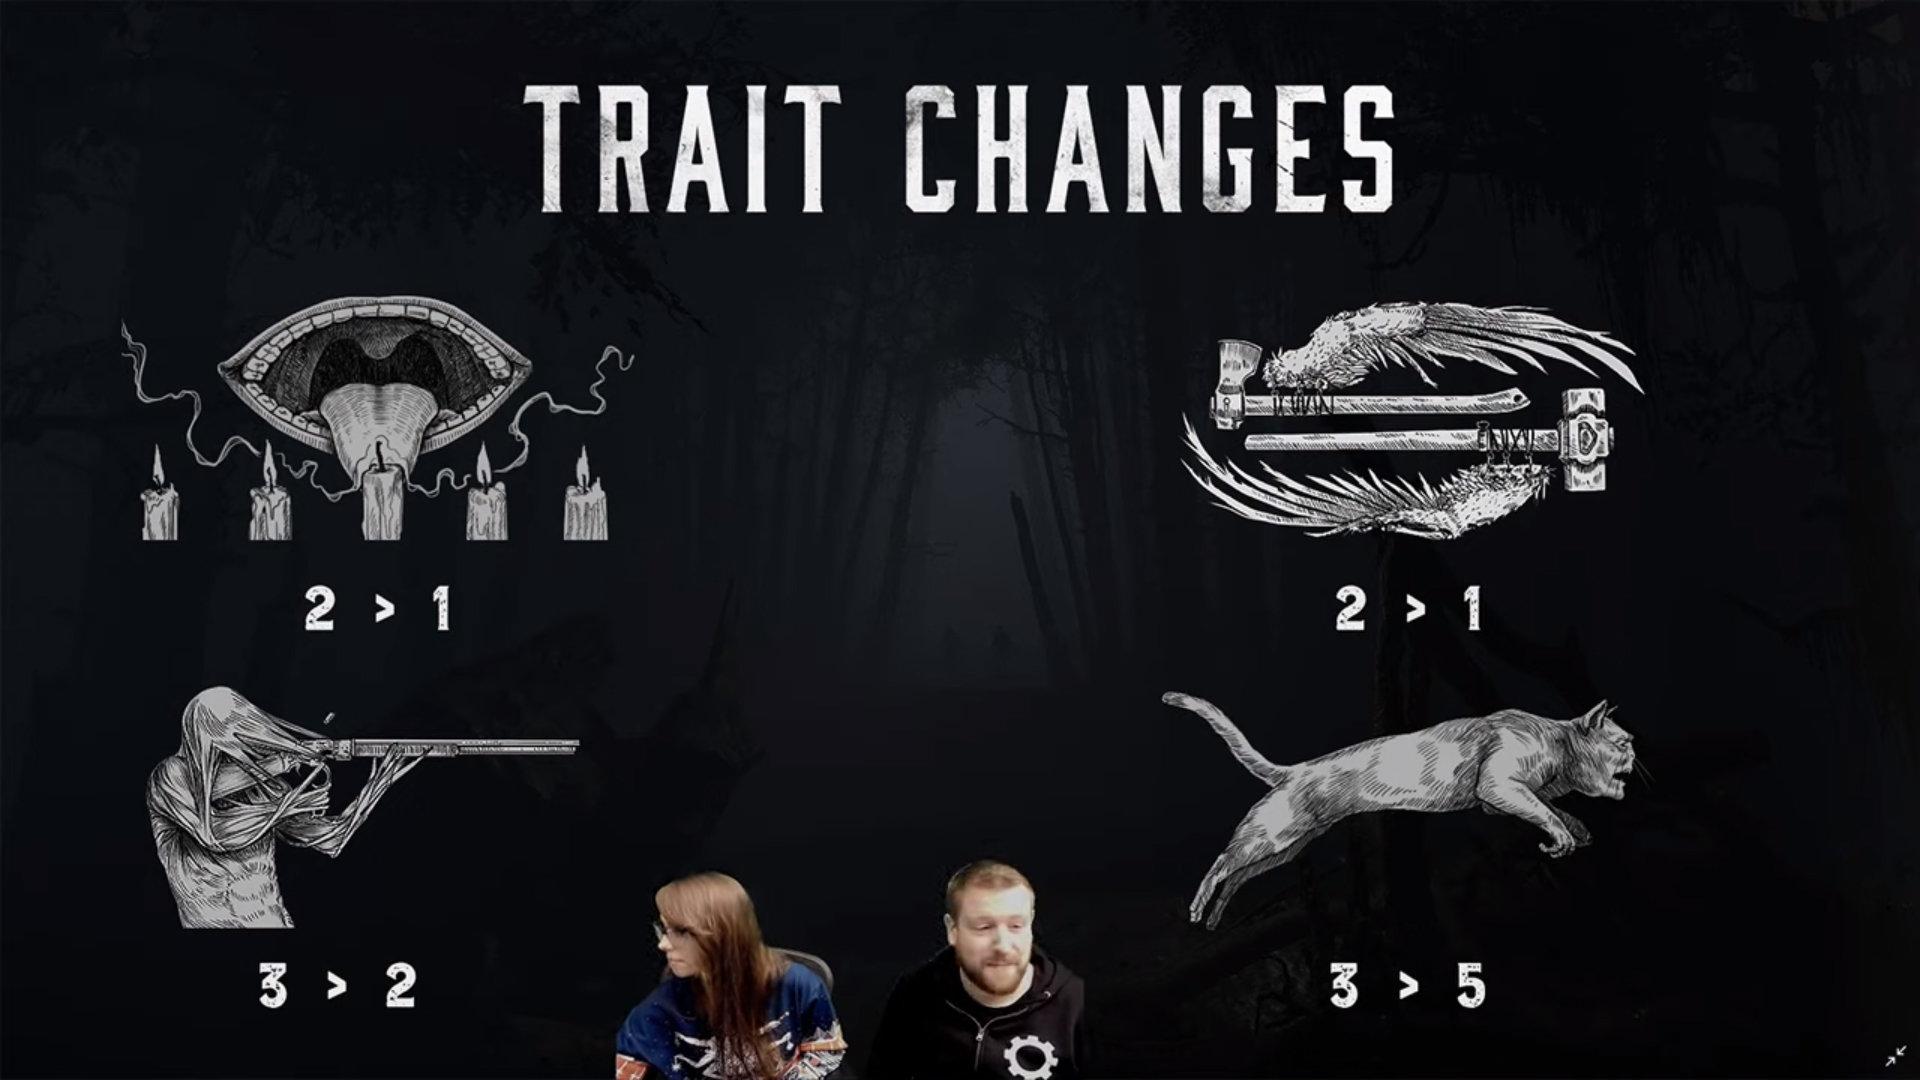 traitchanges.jpg